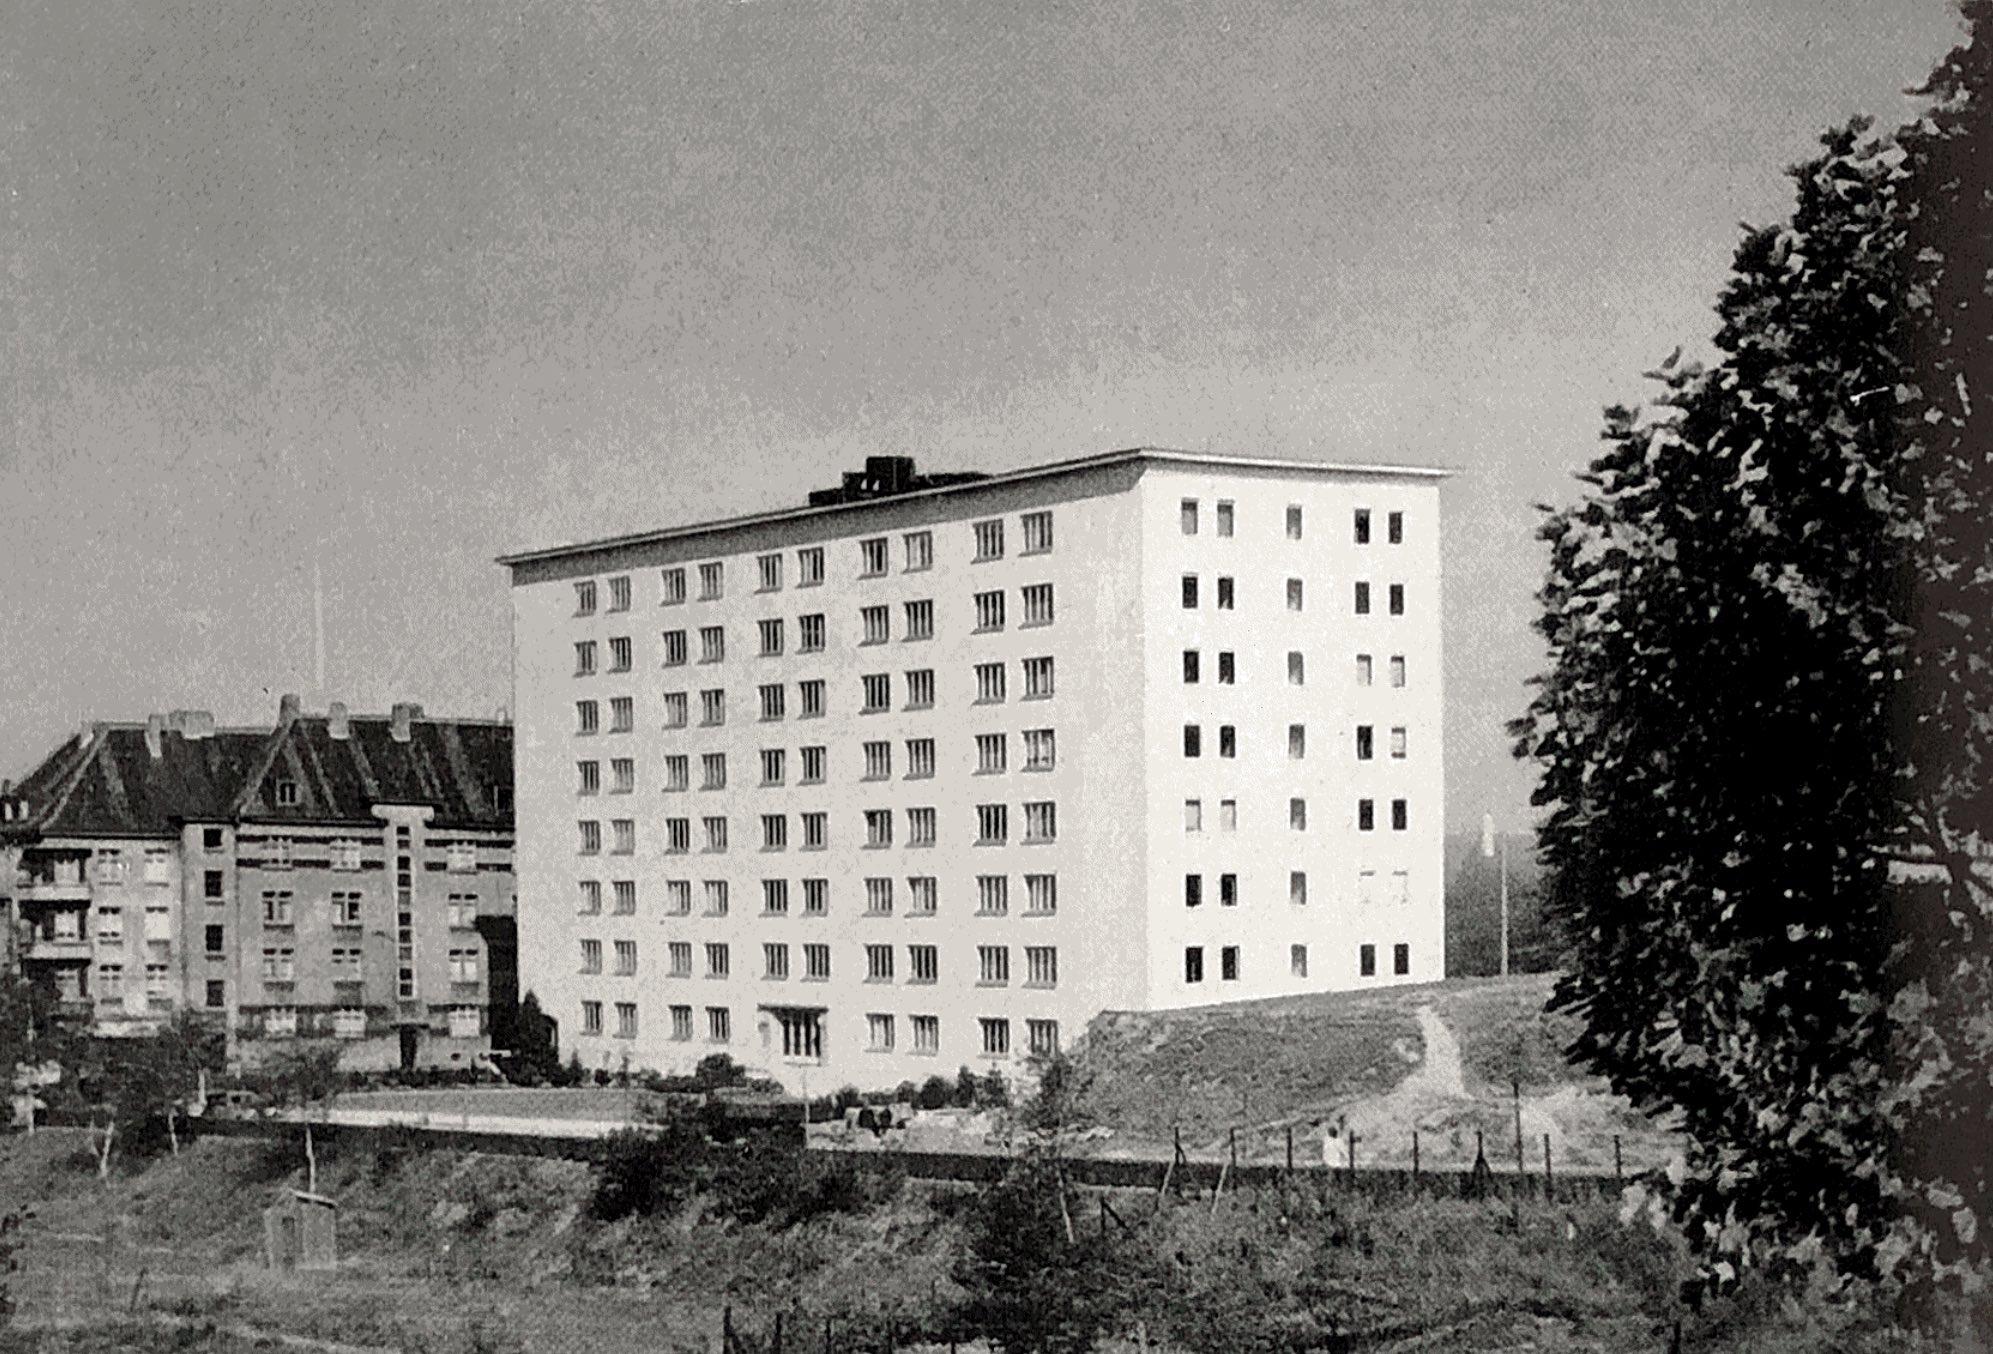 historische Ansicht eines achtstöckigen Wohngebäudes mit vielen Fenstern